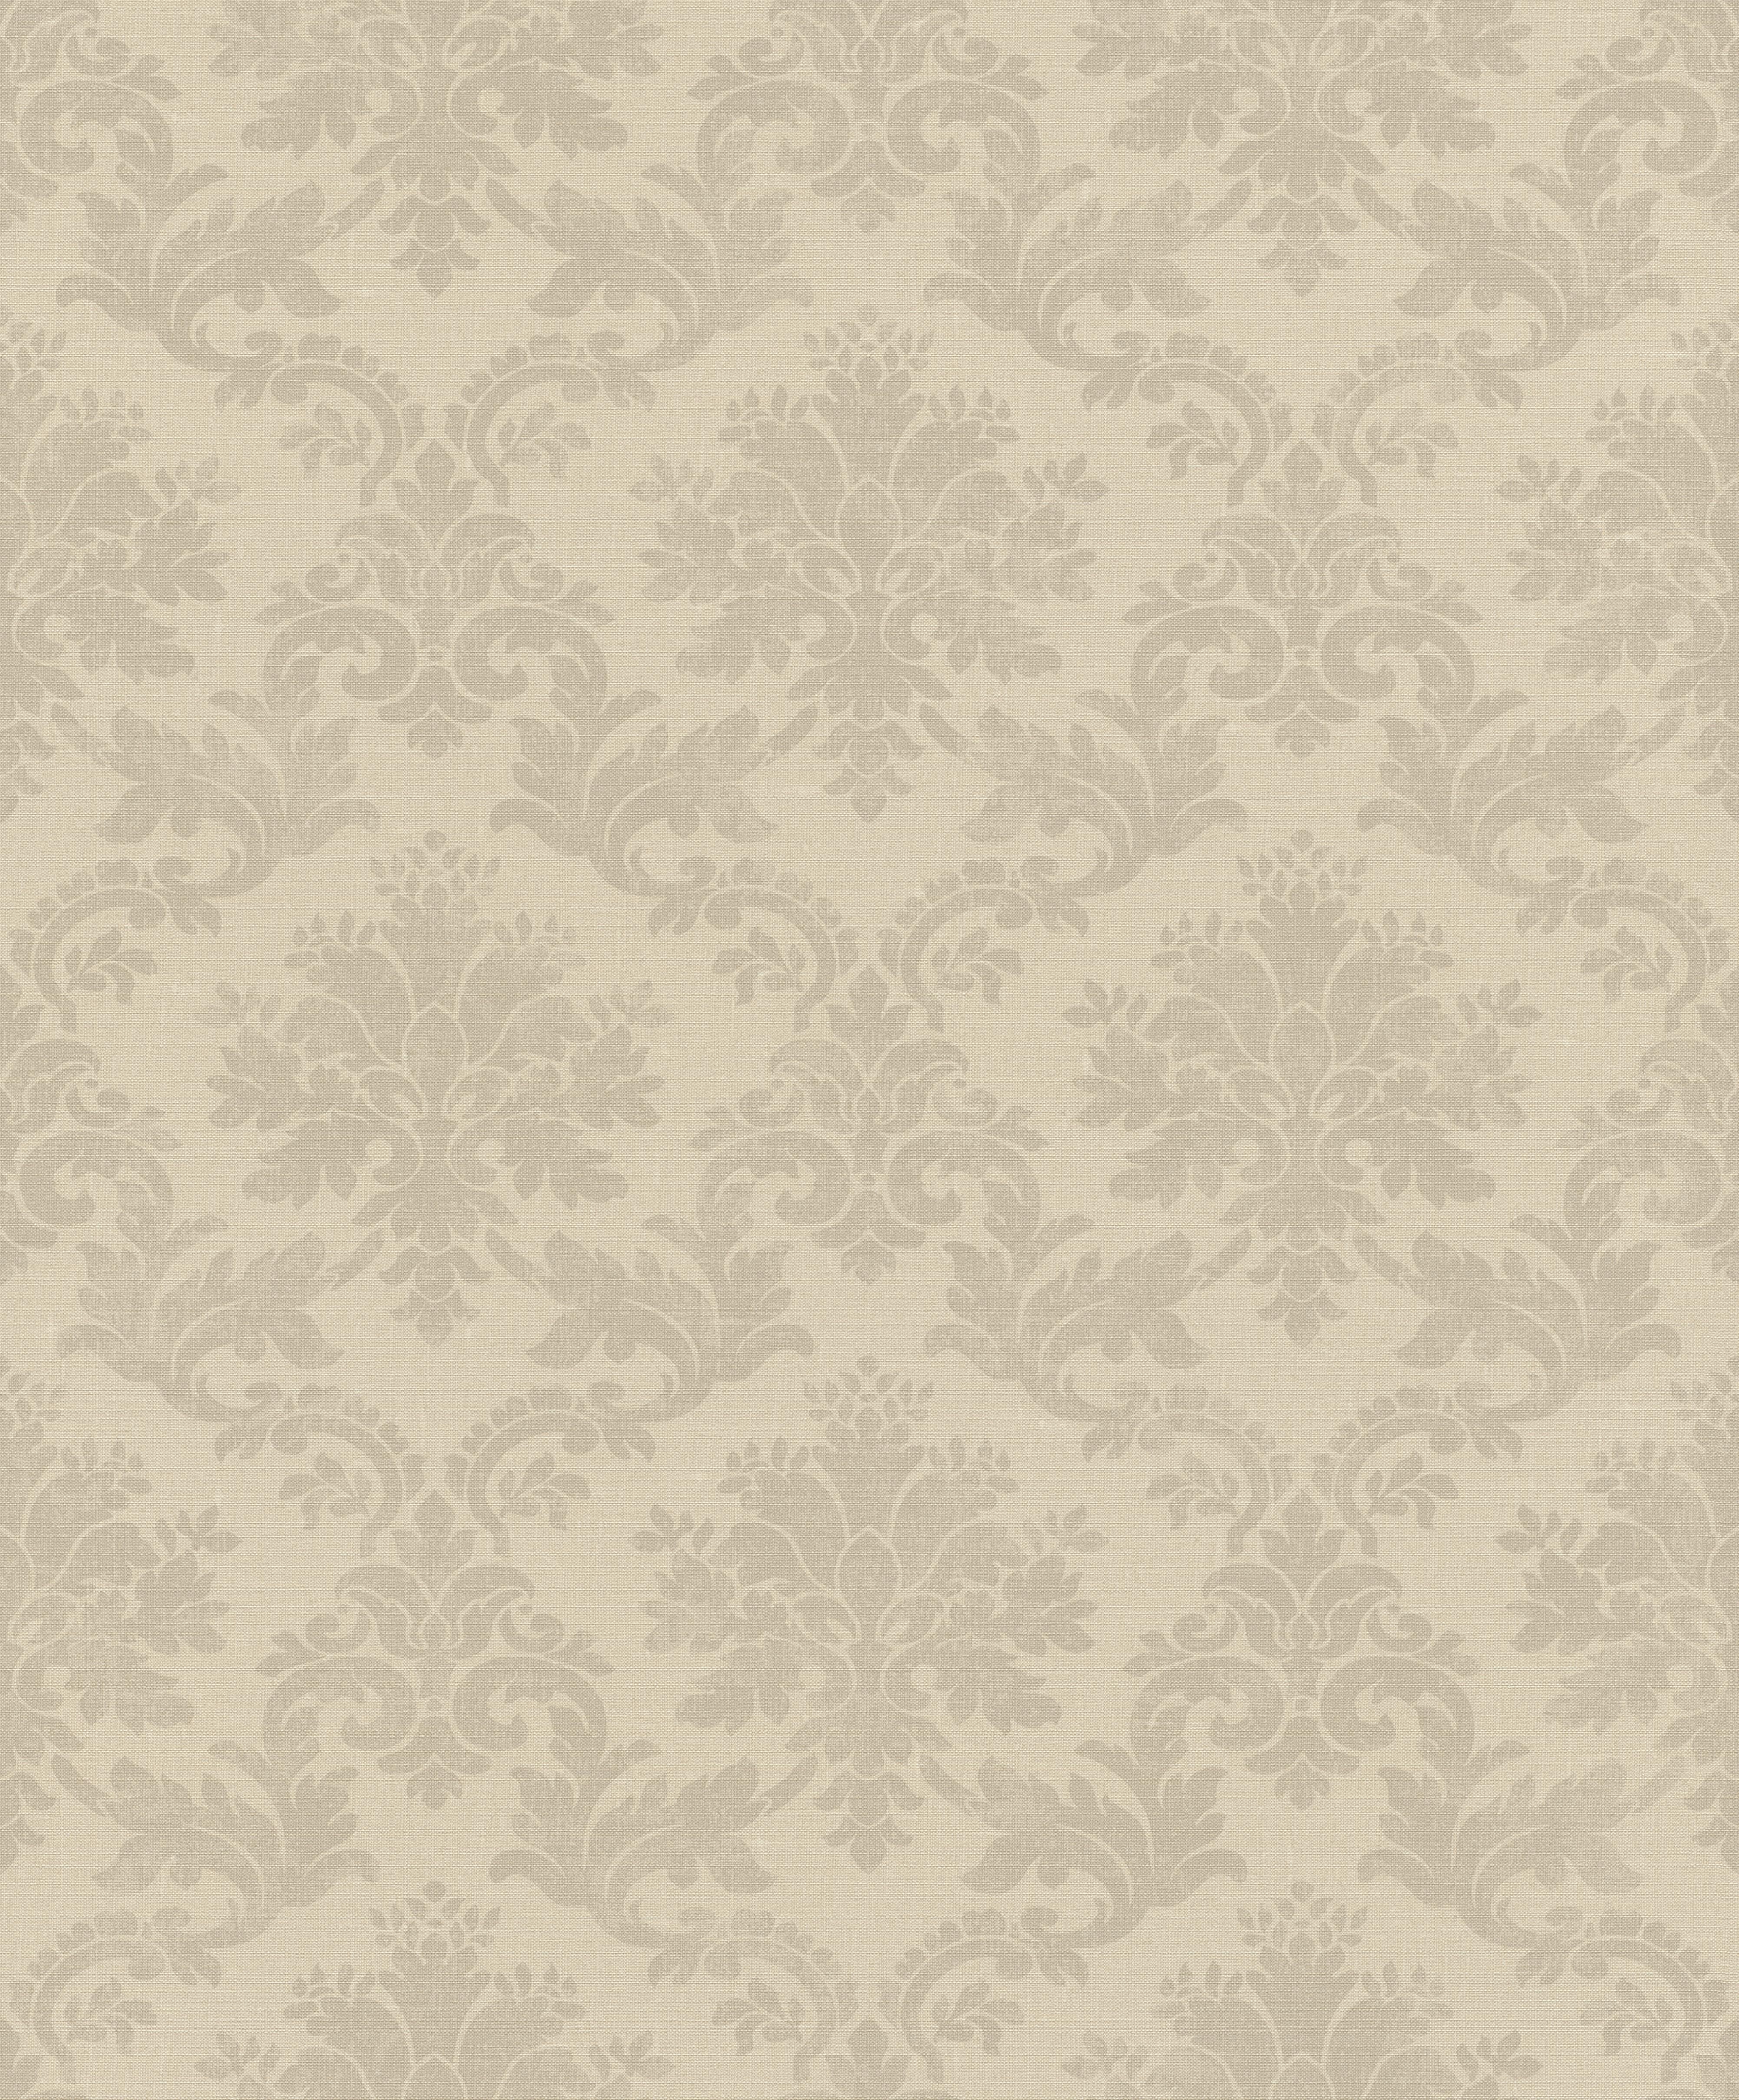 Anyagában struktúrált barokk mintás barna színű tapéta